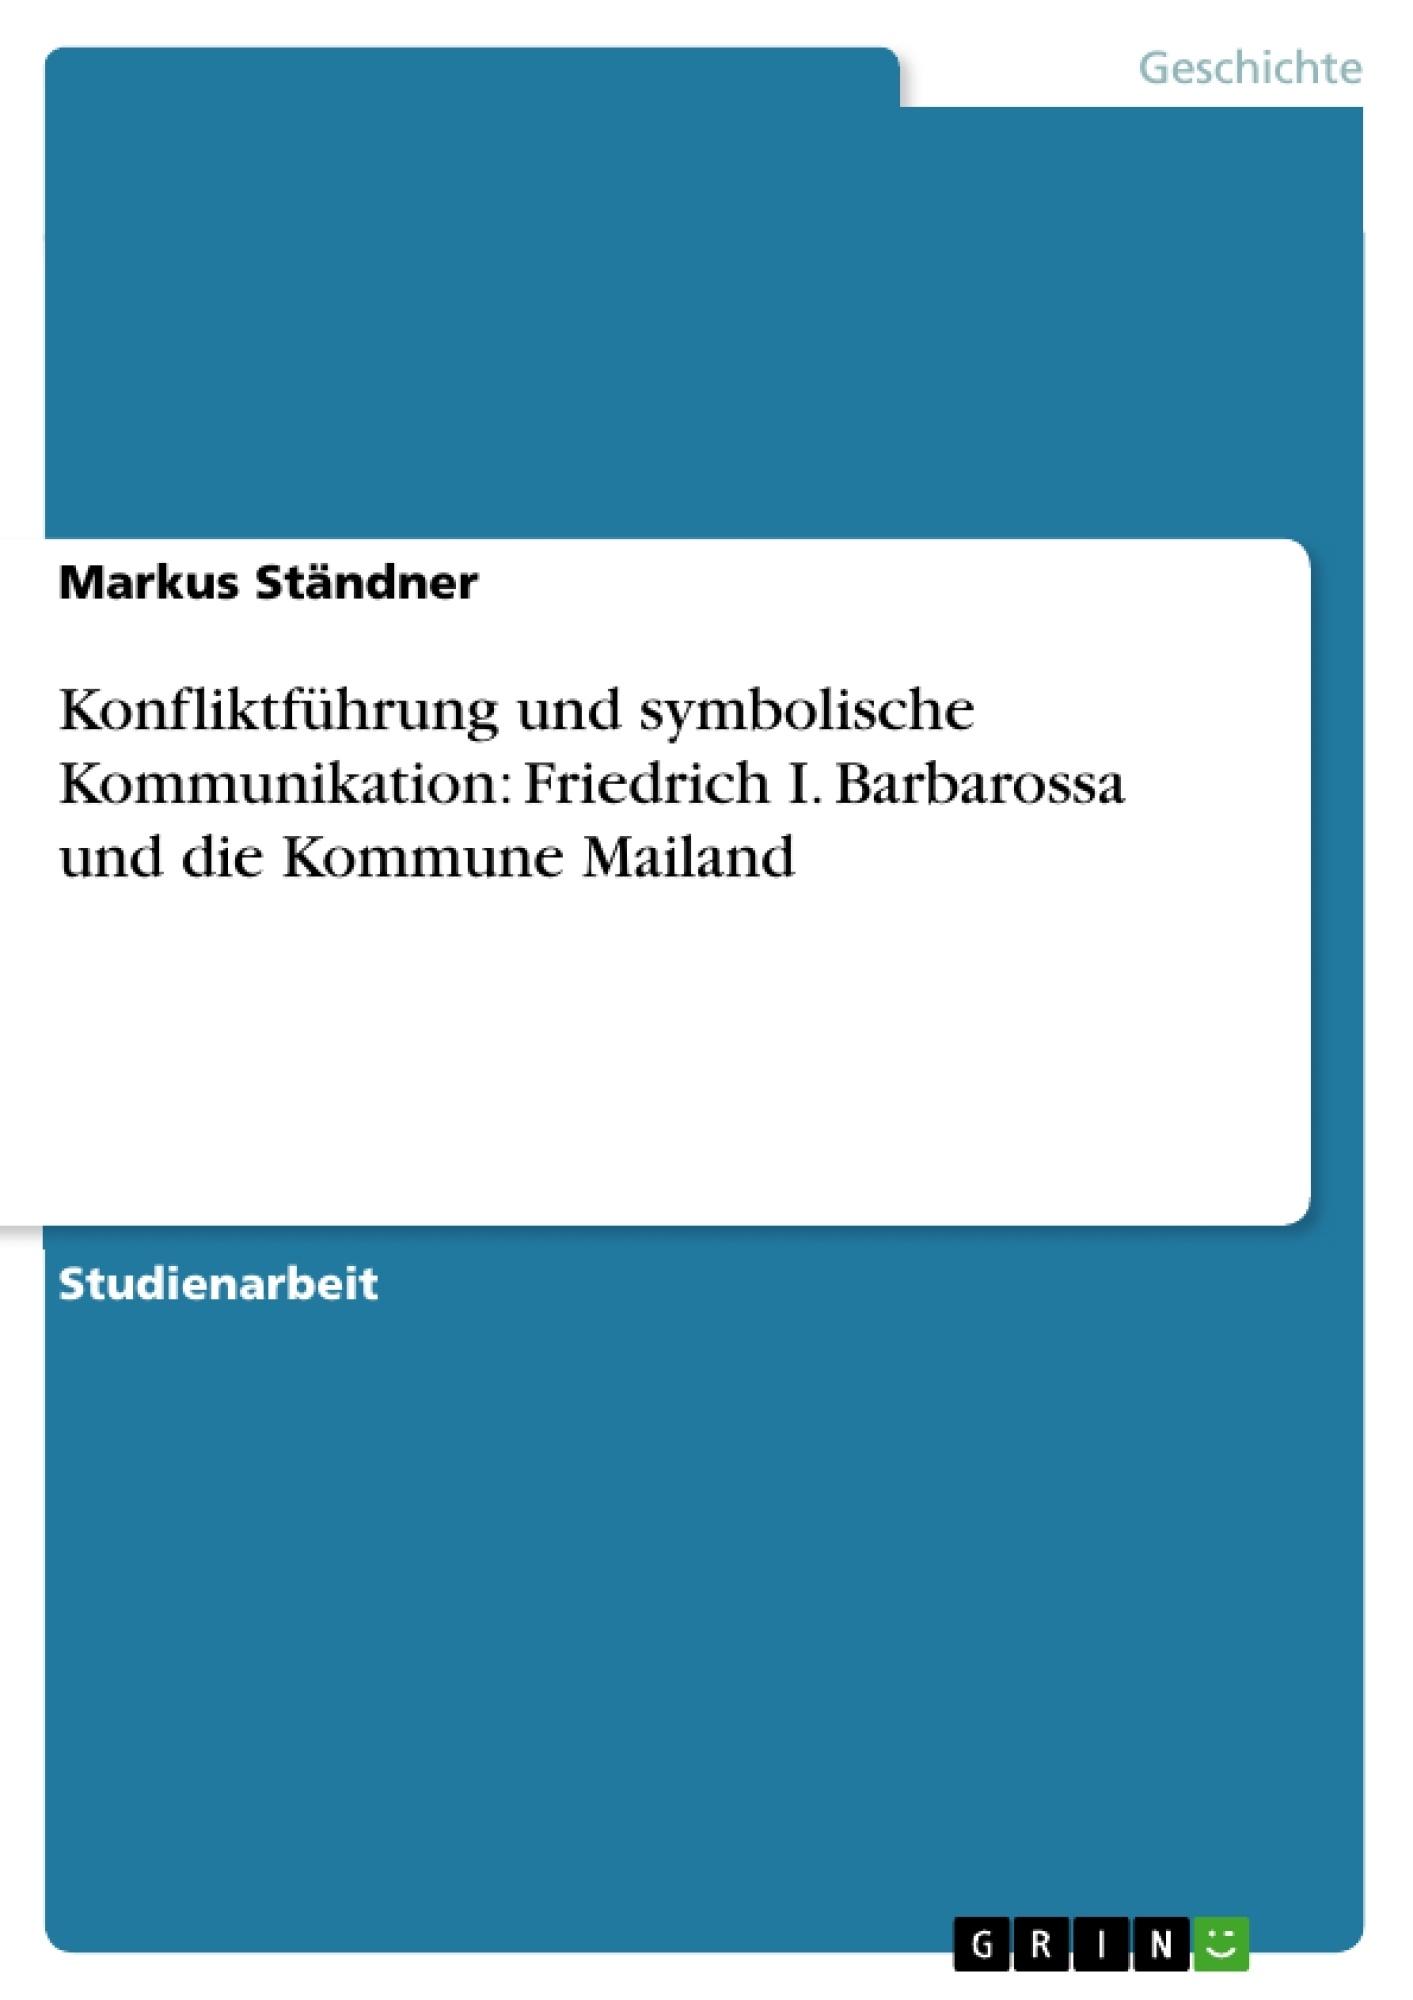 Titel: Konfliktführung und symbolische Kommunikation: Friedrich I. Barbarossa und die Kommune Mailand